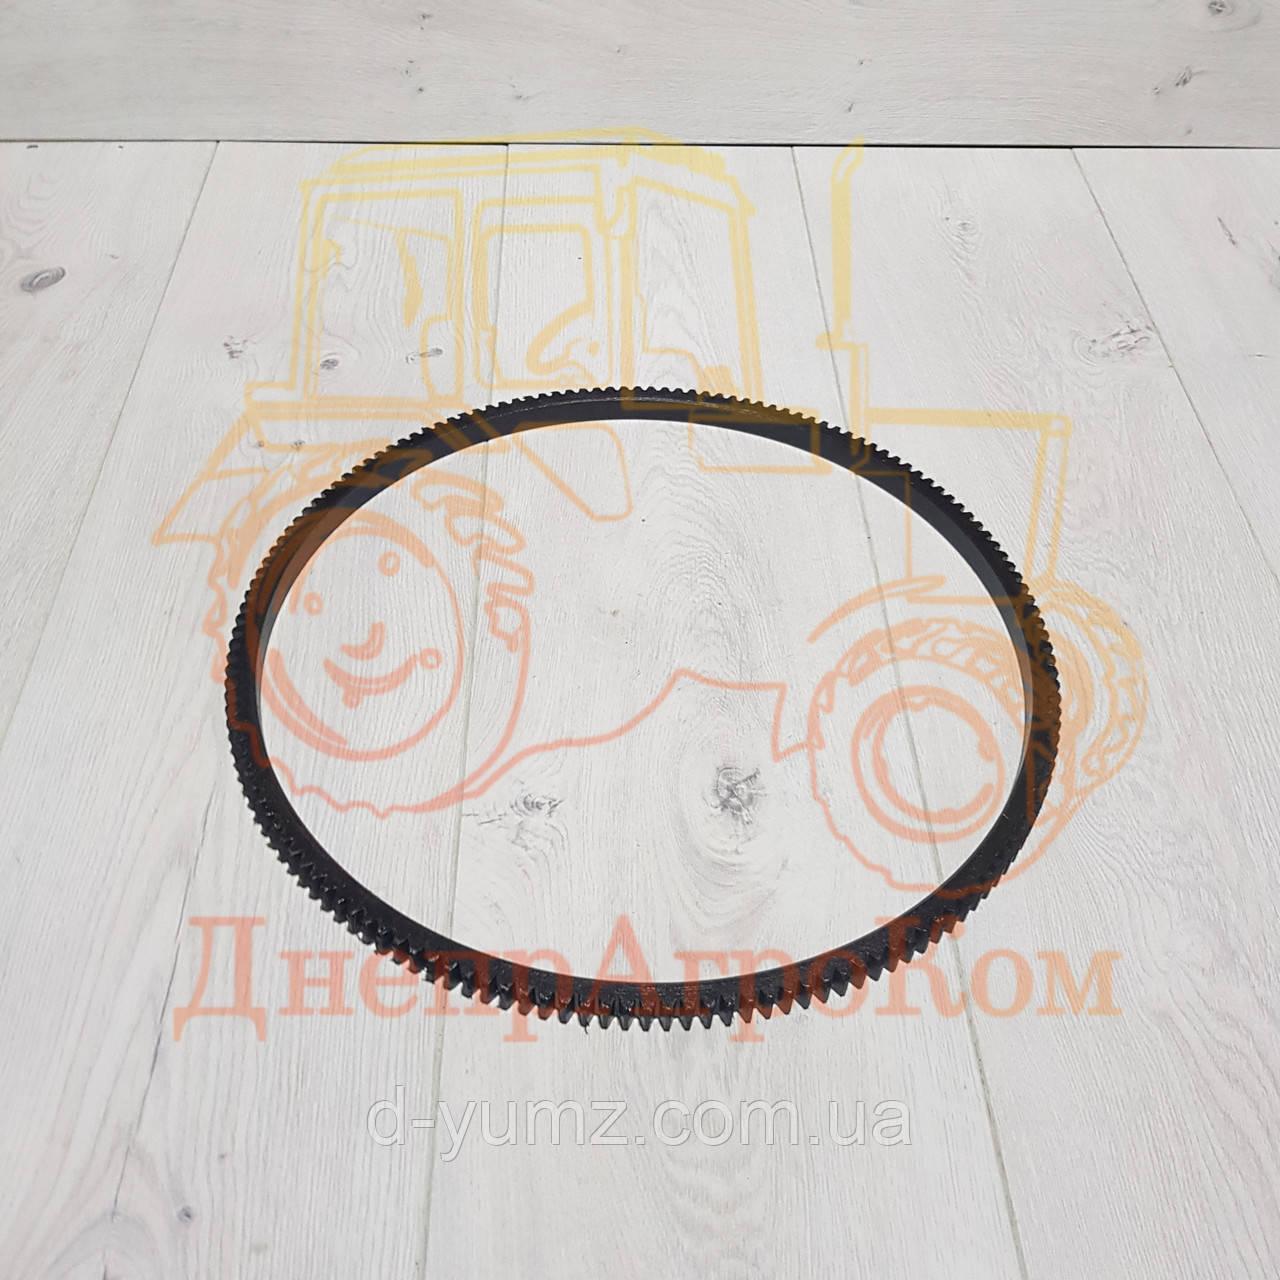 Венец маховика под ПД  ЮМЗ Д-65 | 132 зуба | Д03-012